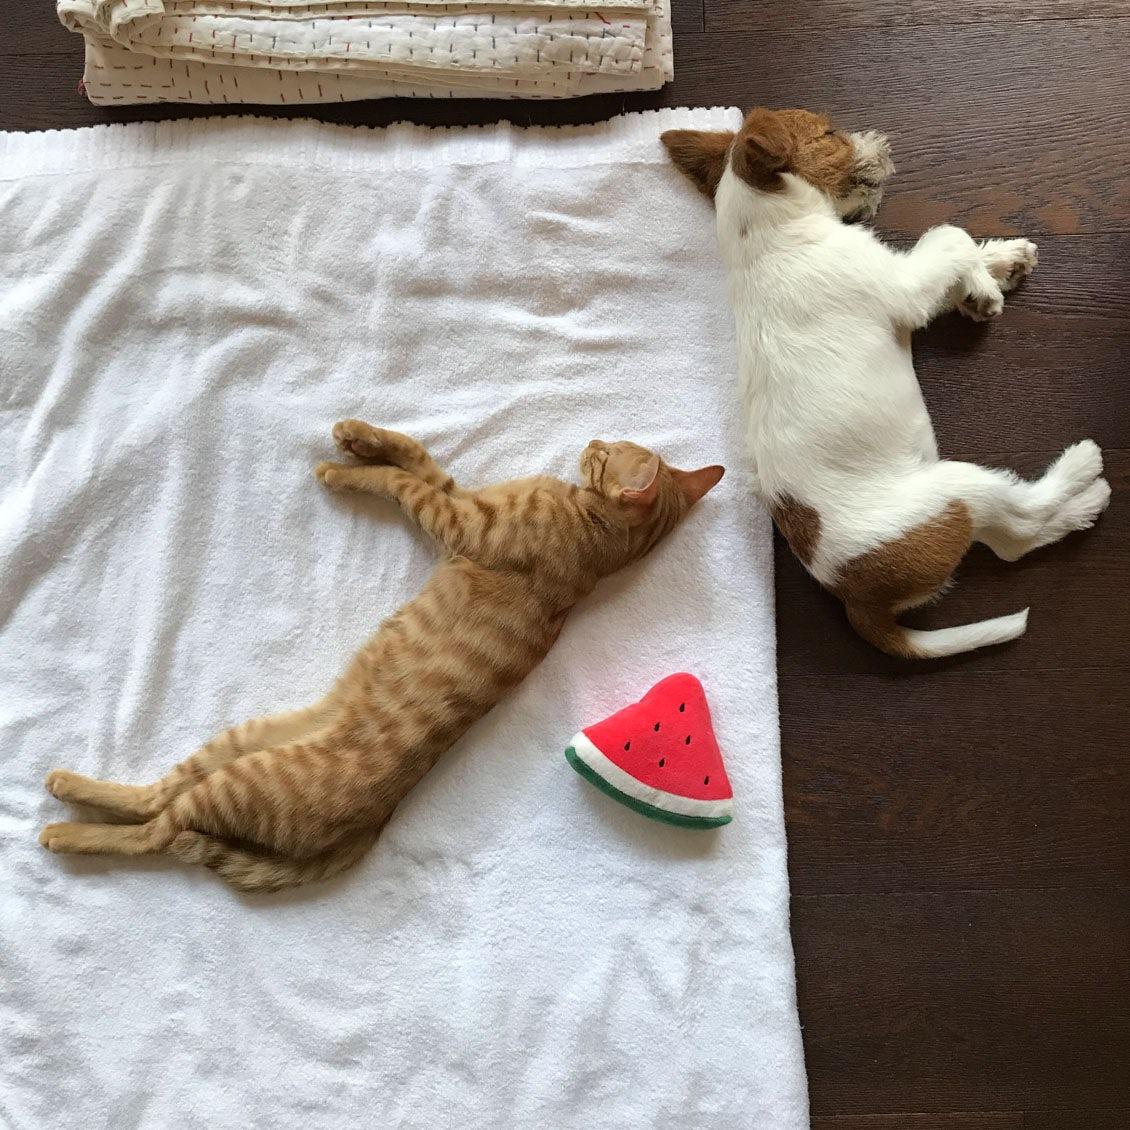 【うちのイヌ、うちのネコ】まるで双子のよう、2020年生まれの子犬と子猫とのにぎやかな暮らし